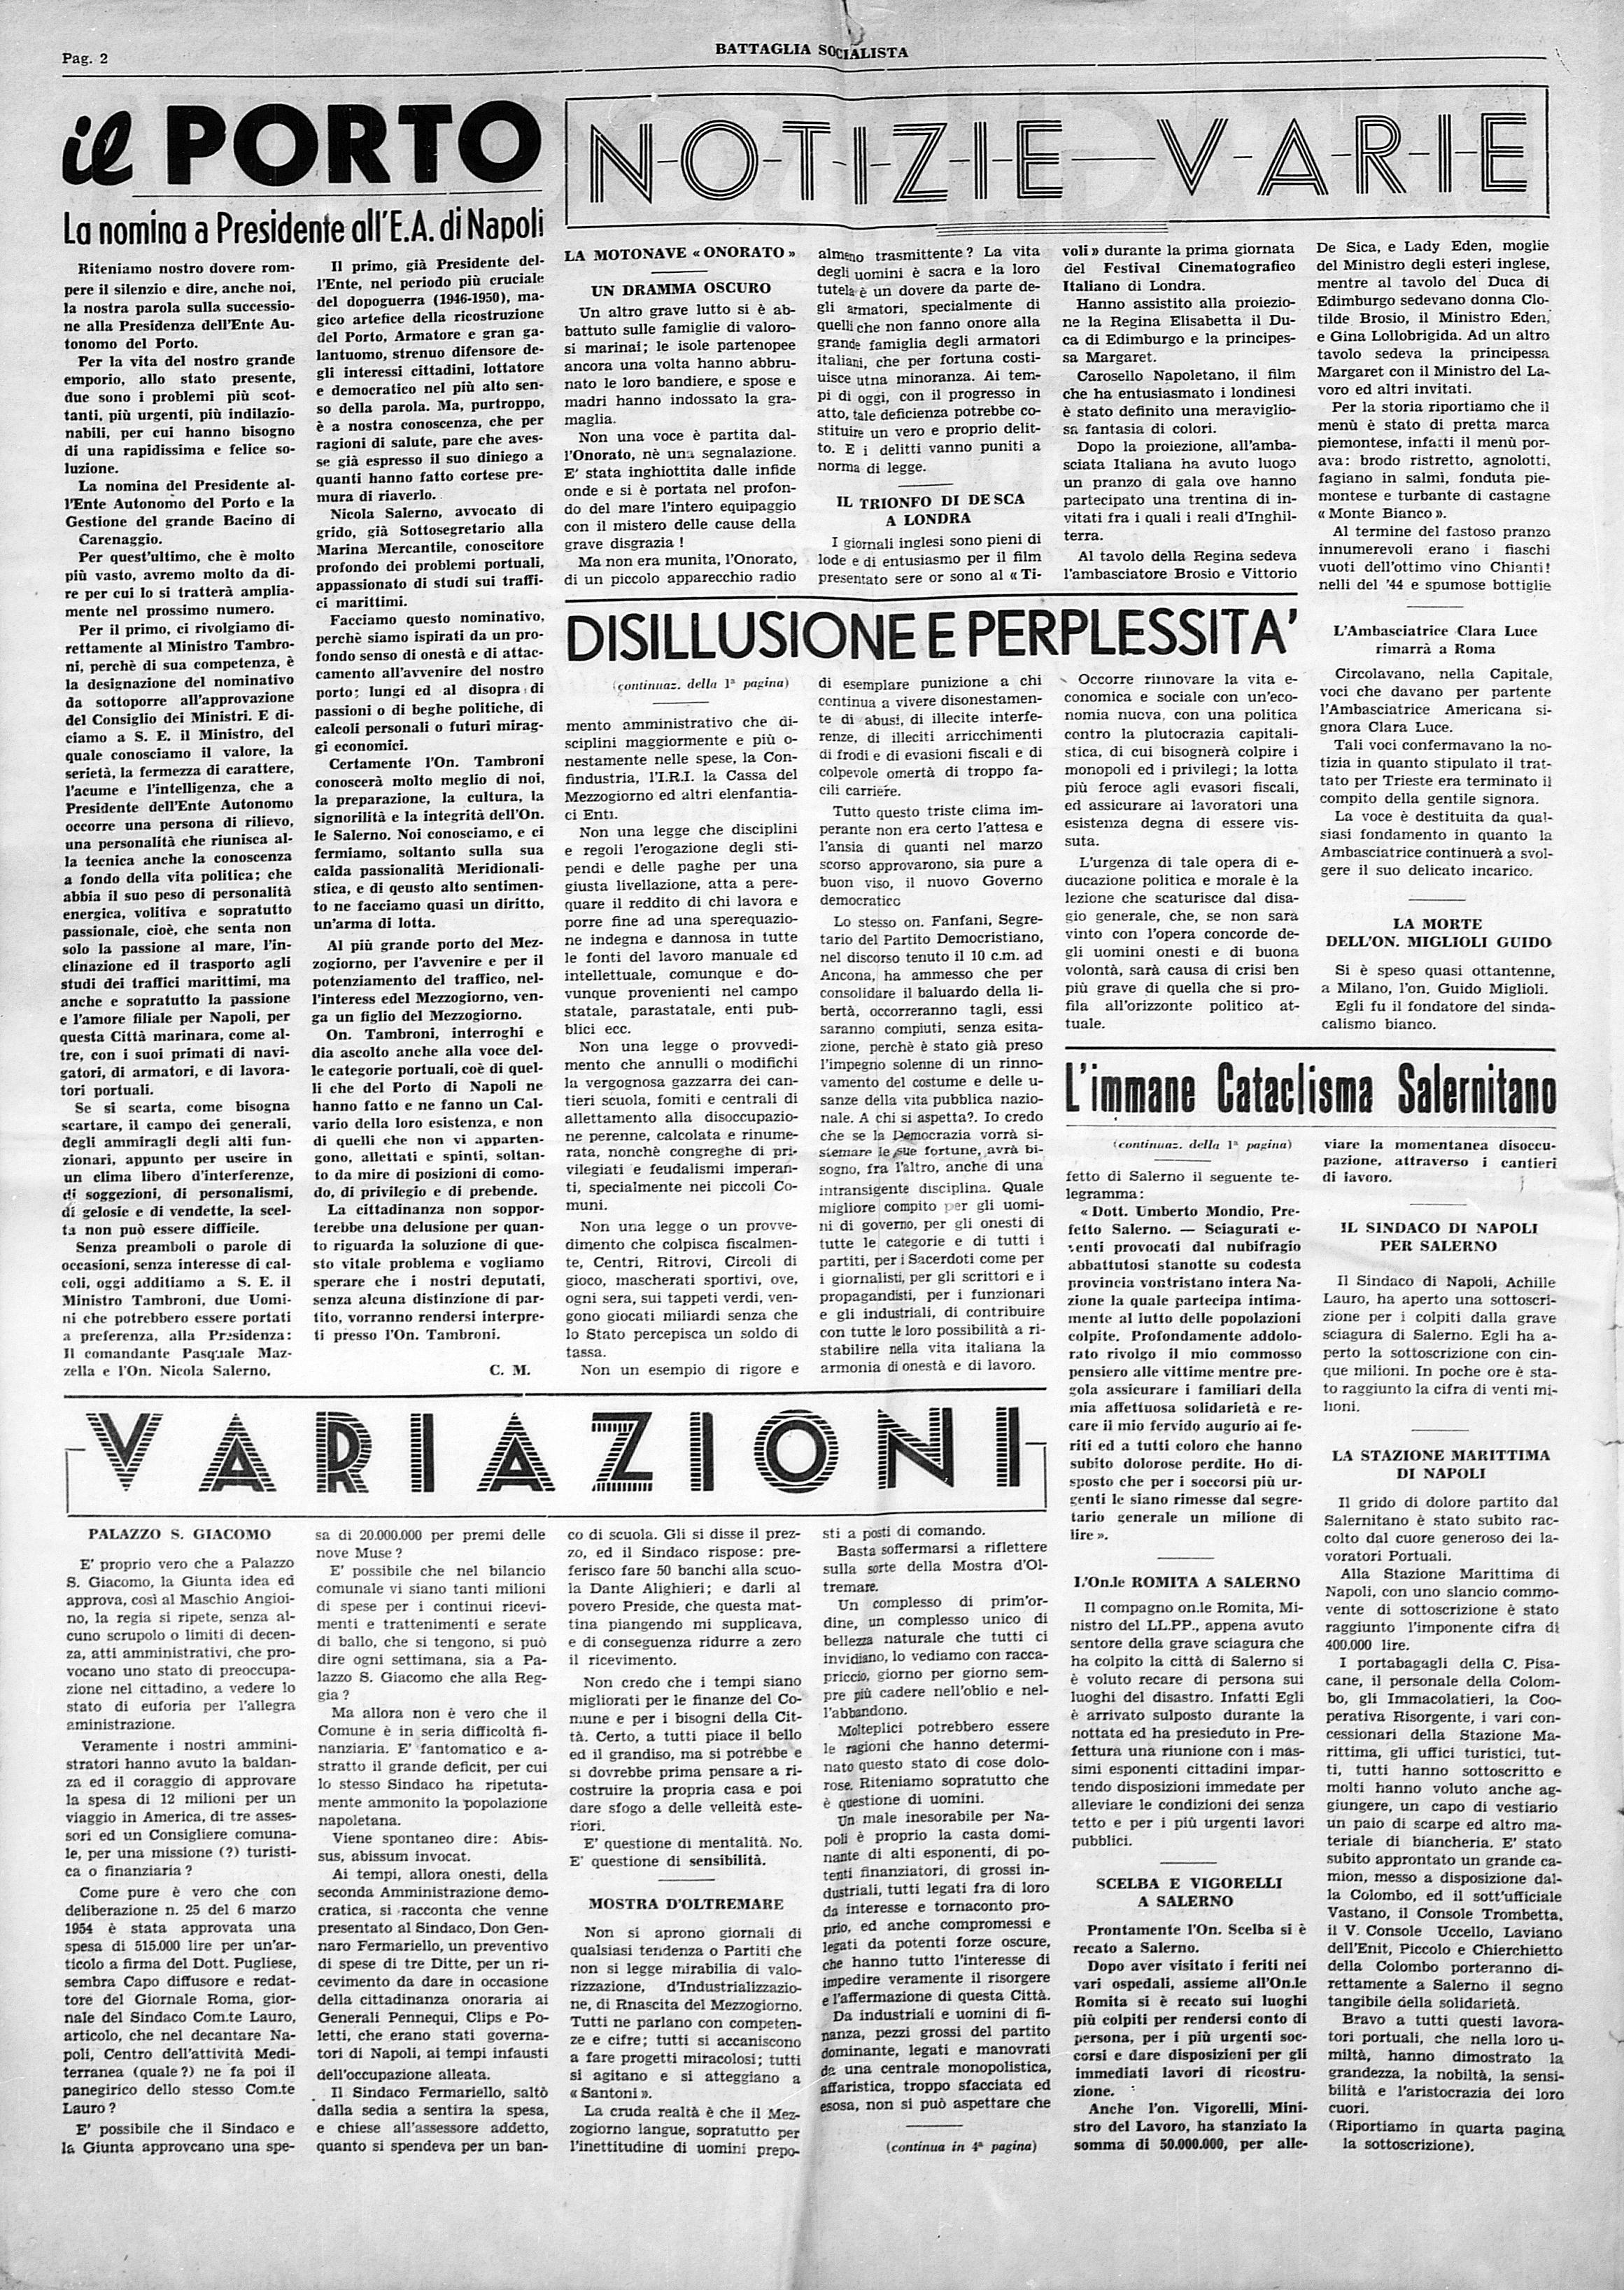 Battaglia Socialista a. II, n.3 - pag. 2